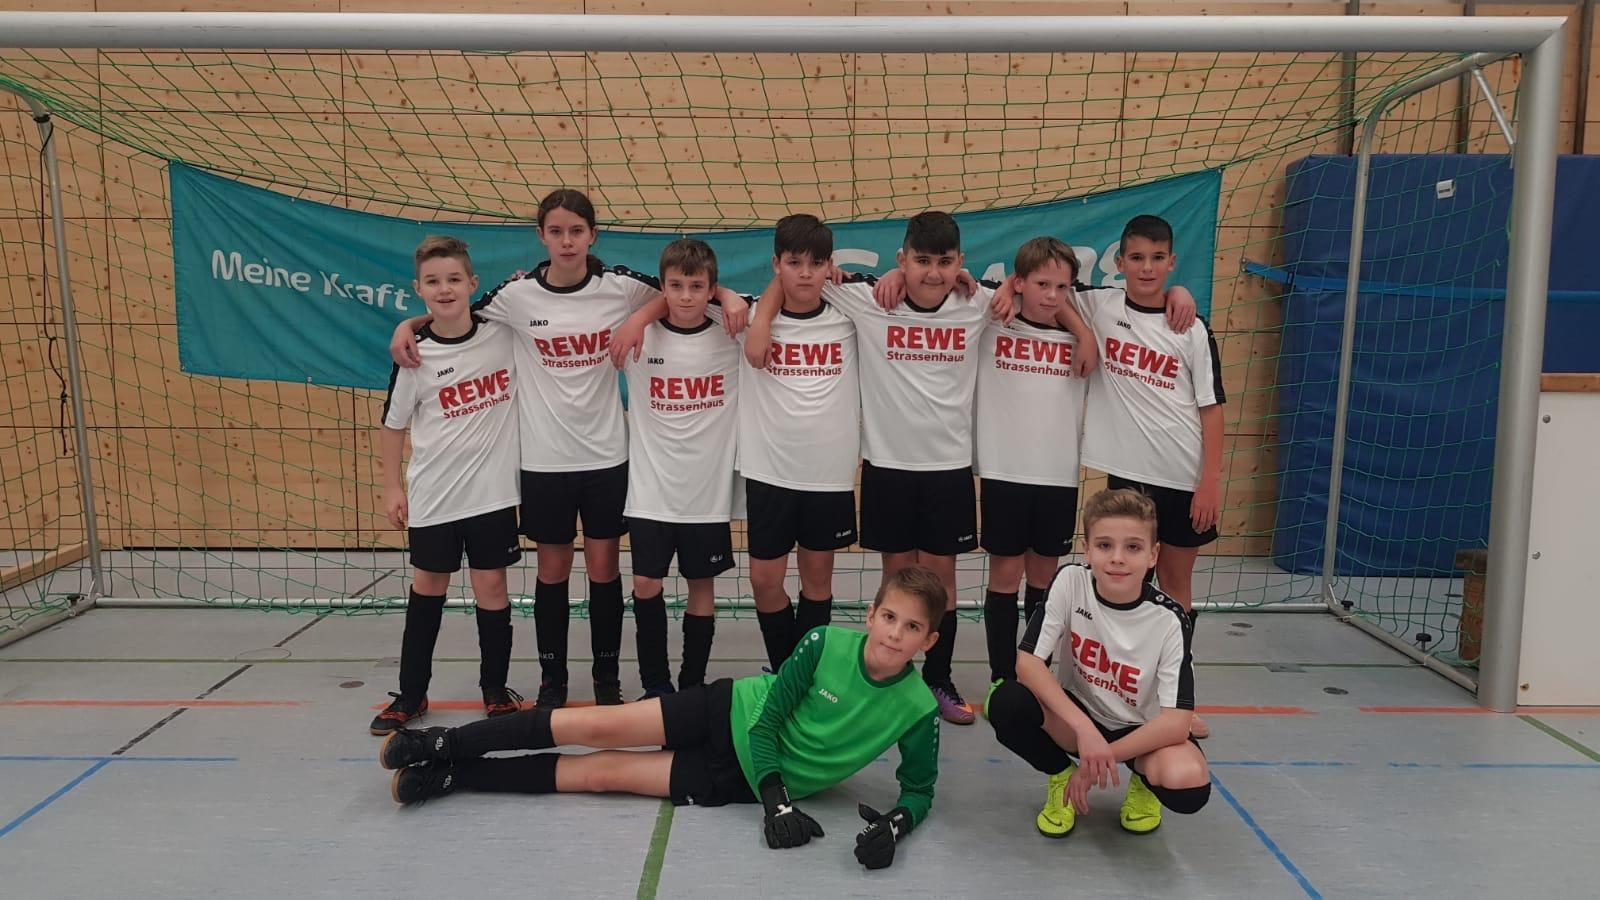 D-Junioren U12 - JSG Rengsdorf